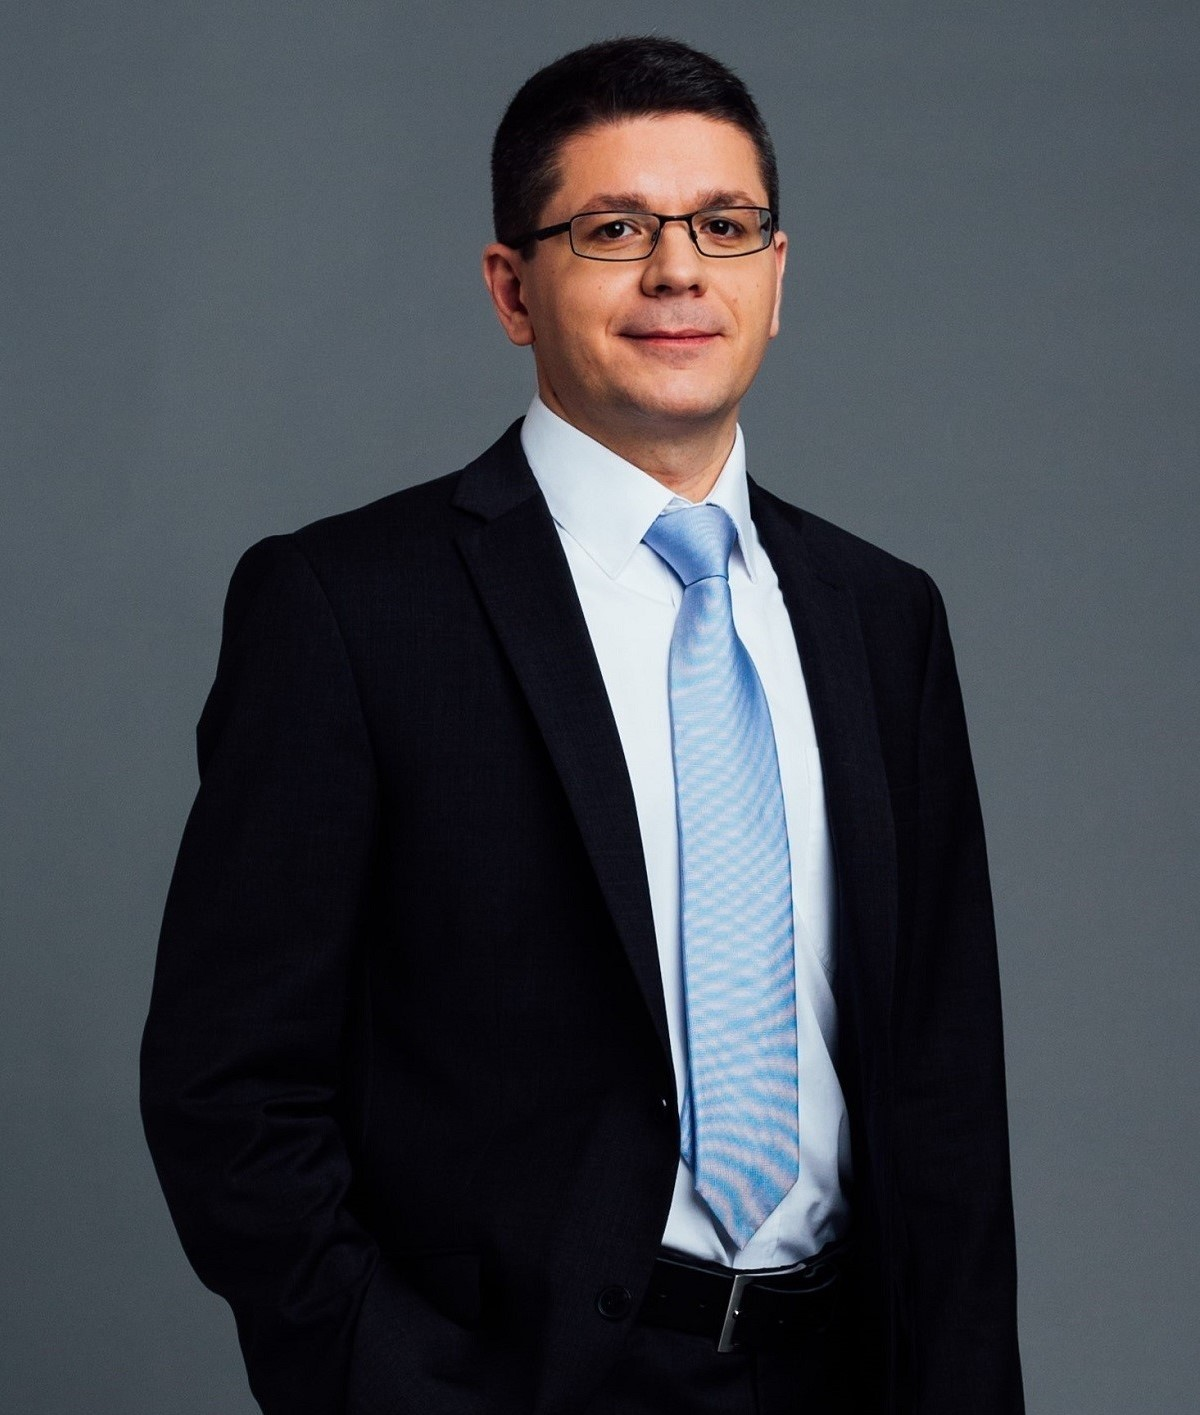 Dr. Zoltán Kereső